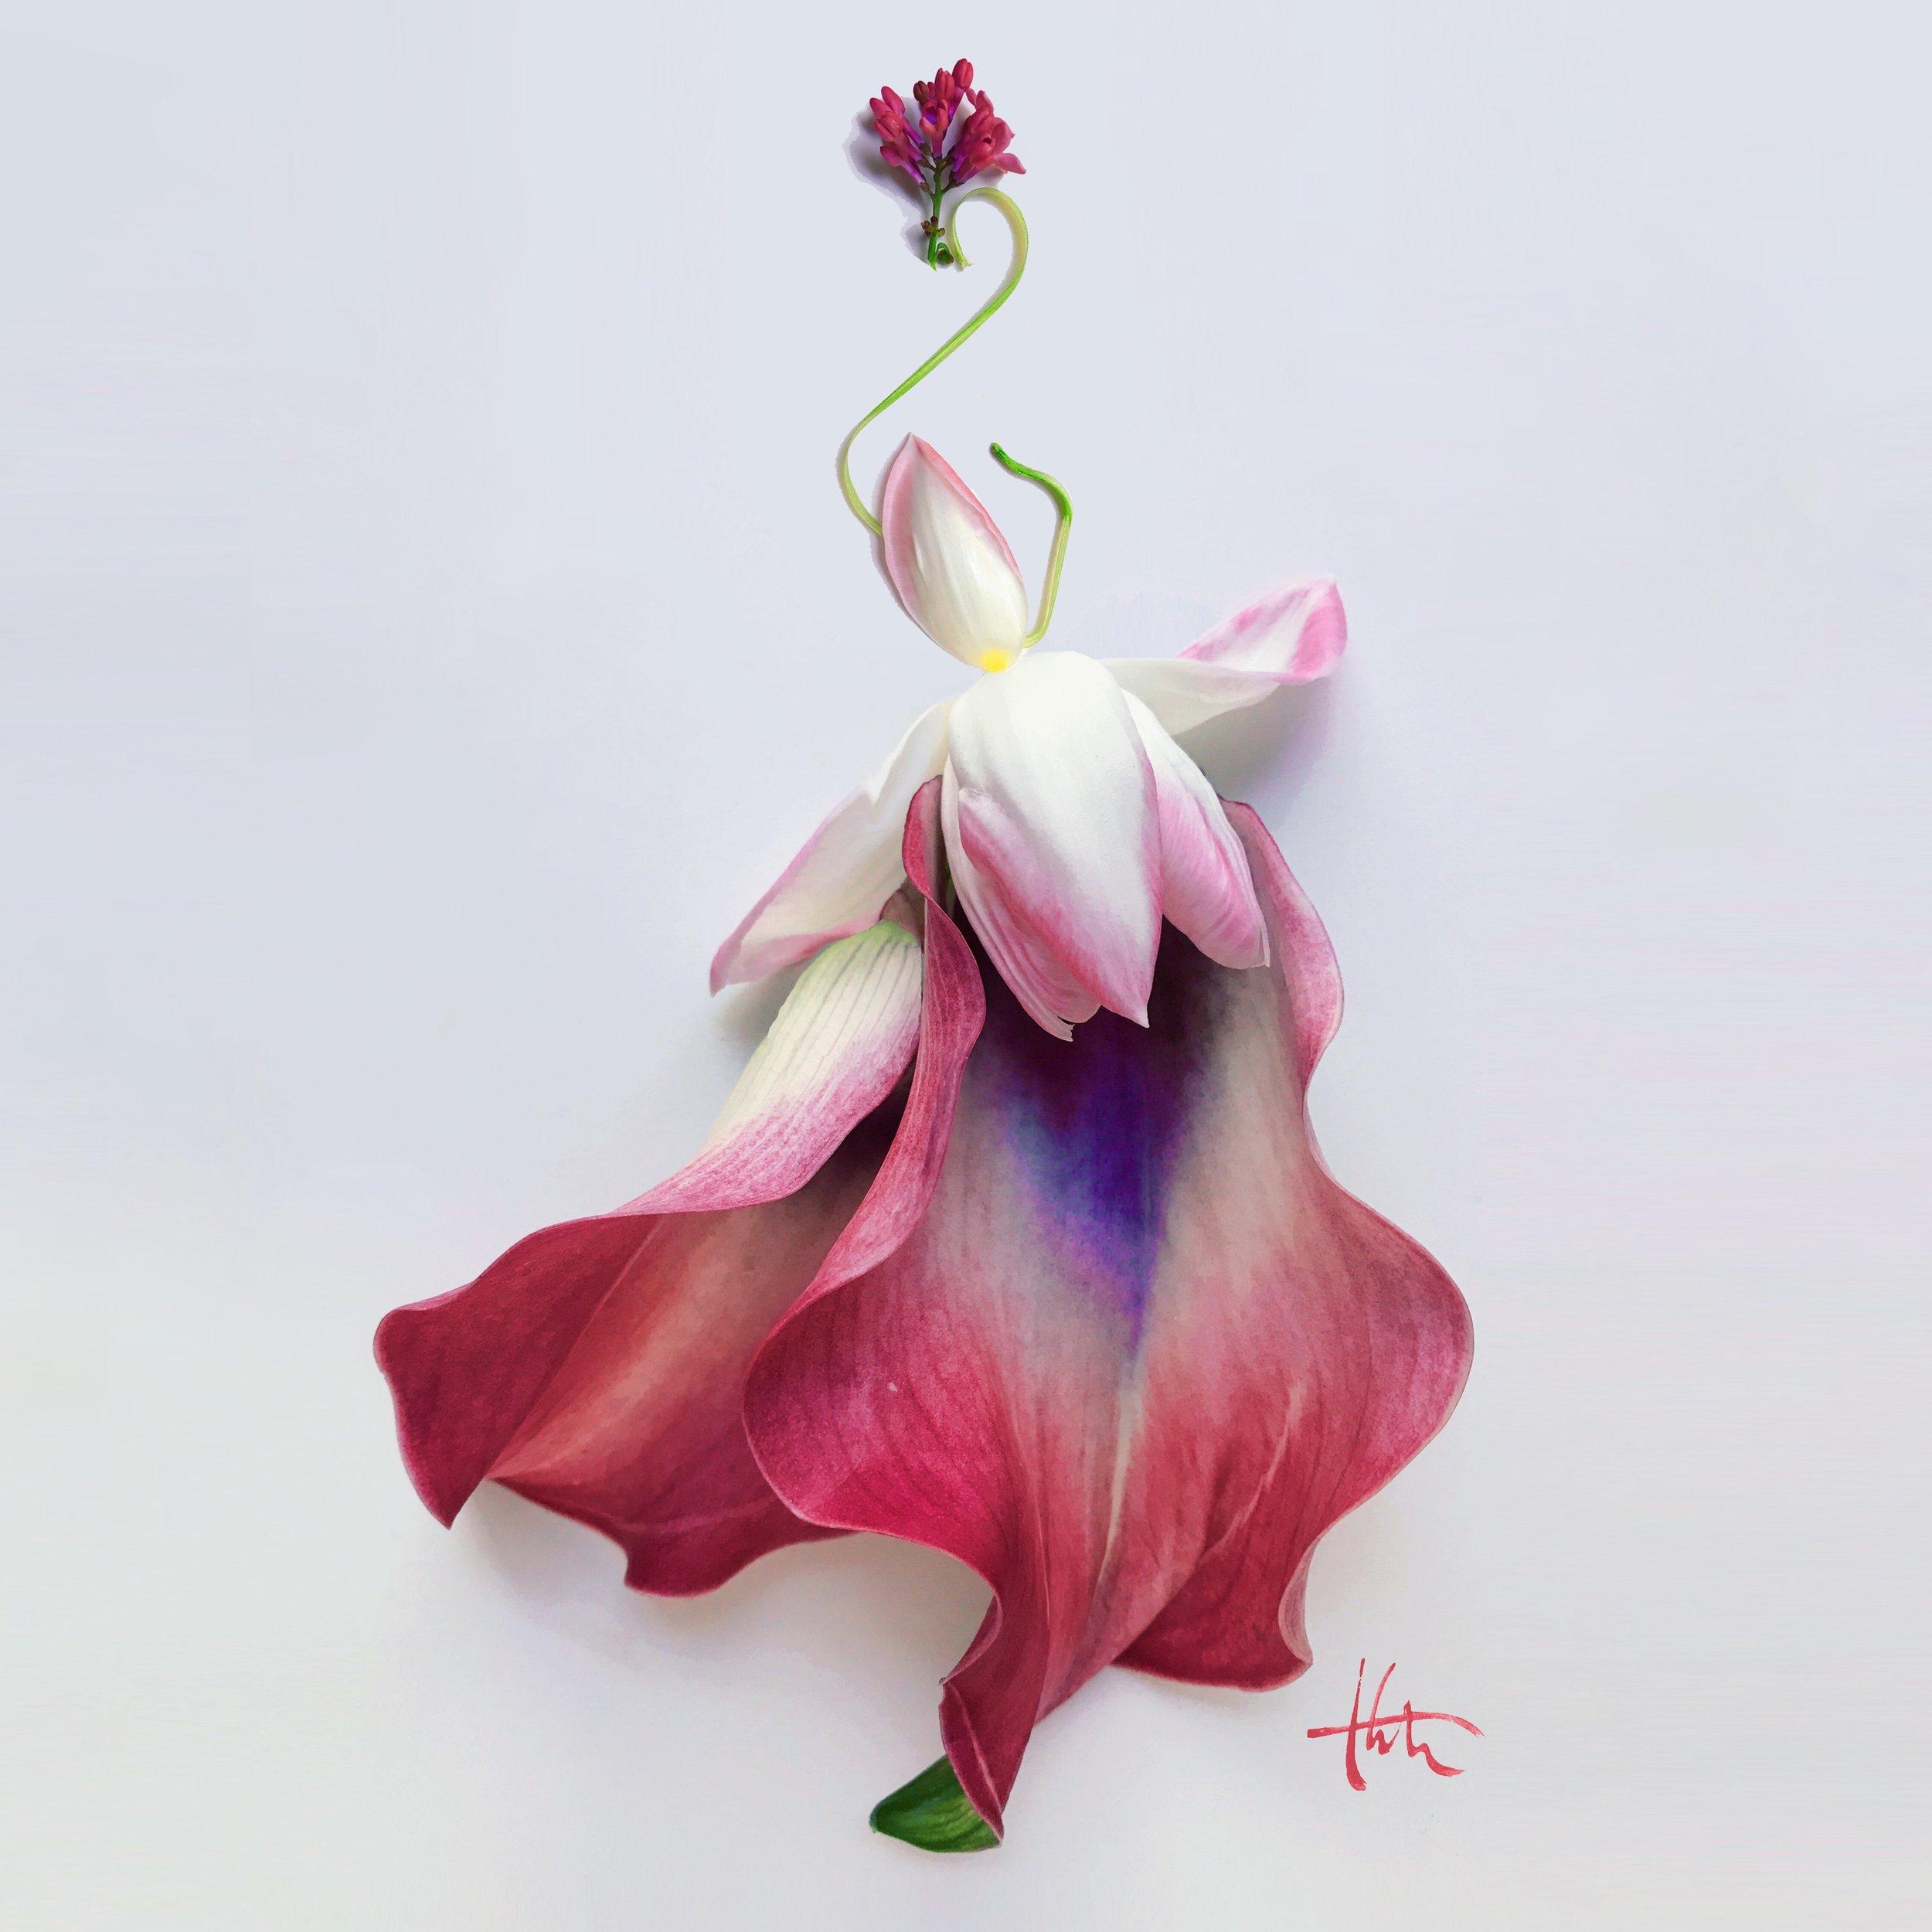 10_FLORAL DANCER 4.JPG